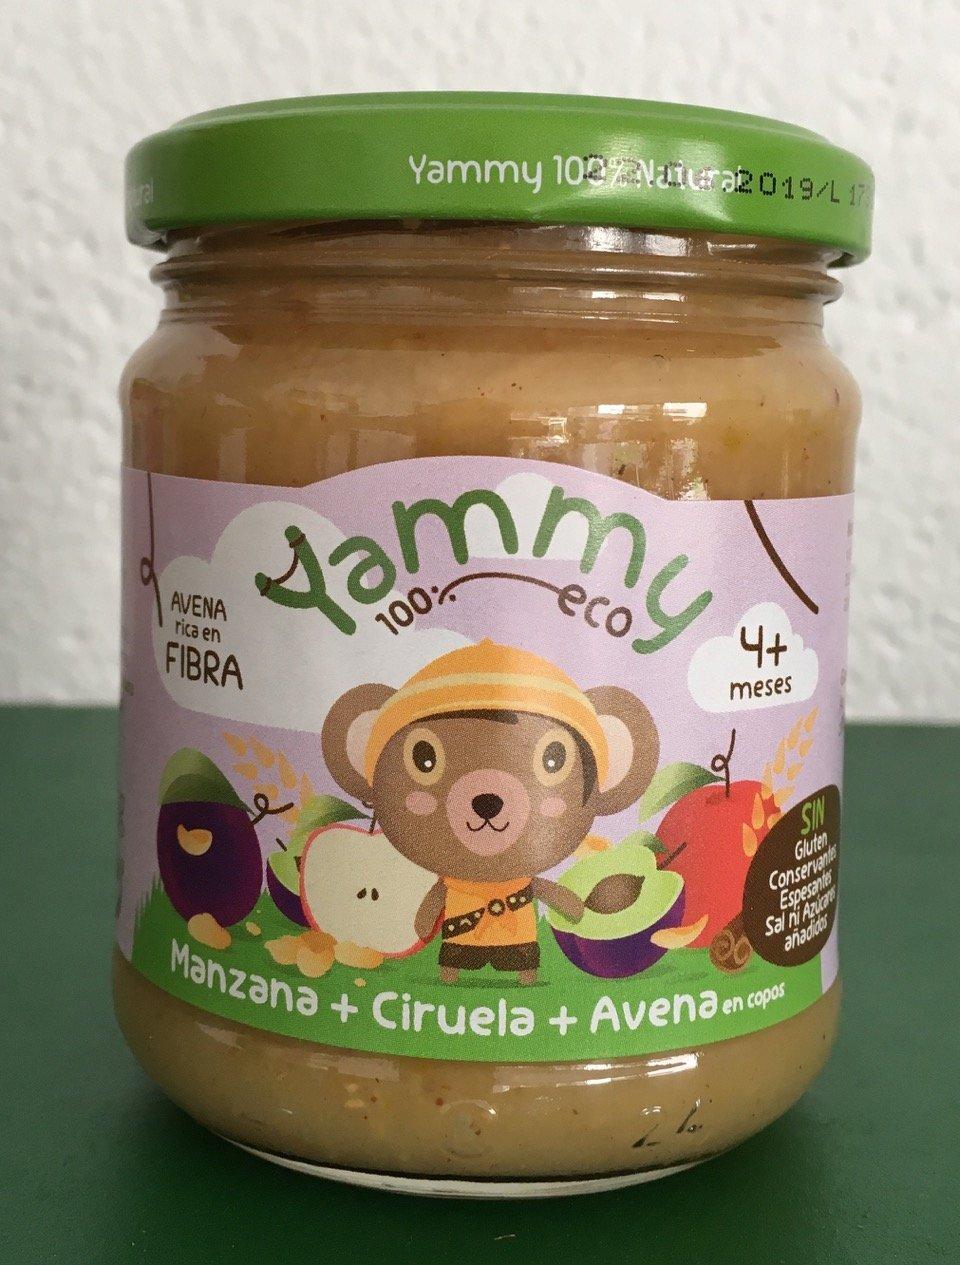 Yammy - Potito Ecológico de Frutas: Manzana+Ciruelas+Avena en Copos Pack 6 Unidades: Amazon.es: Alimentación y bebidas